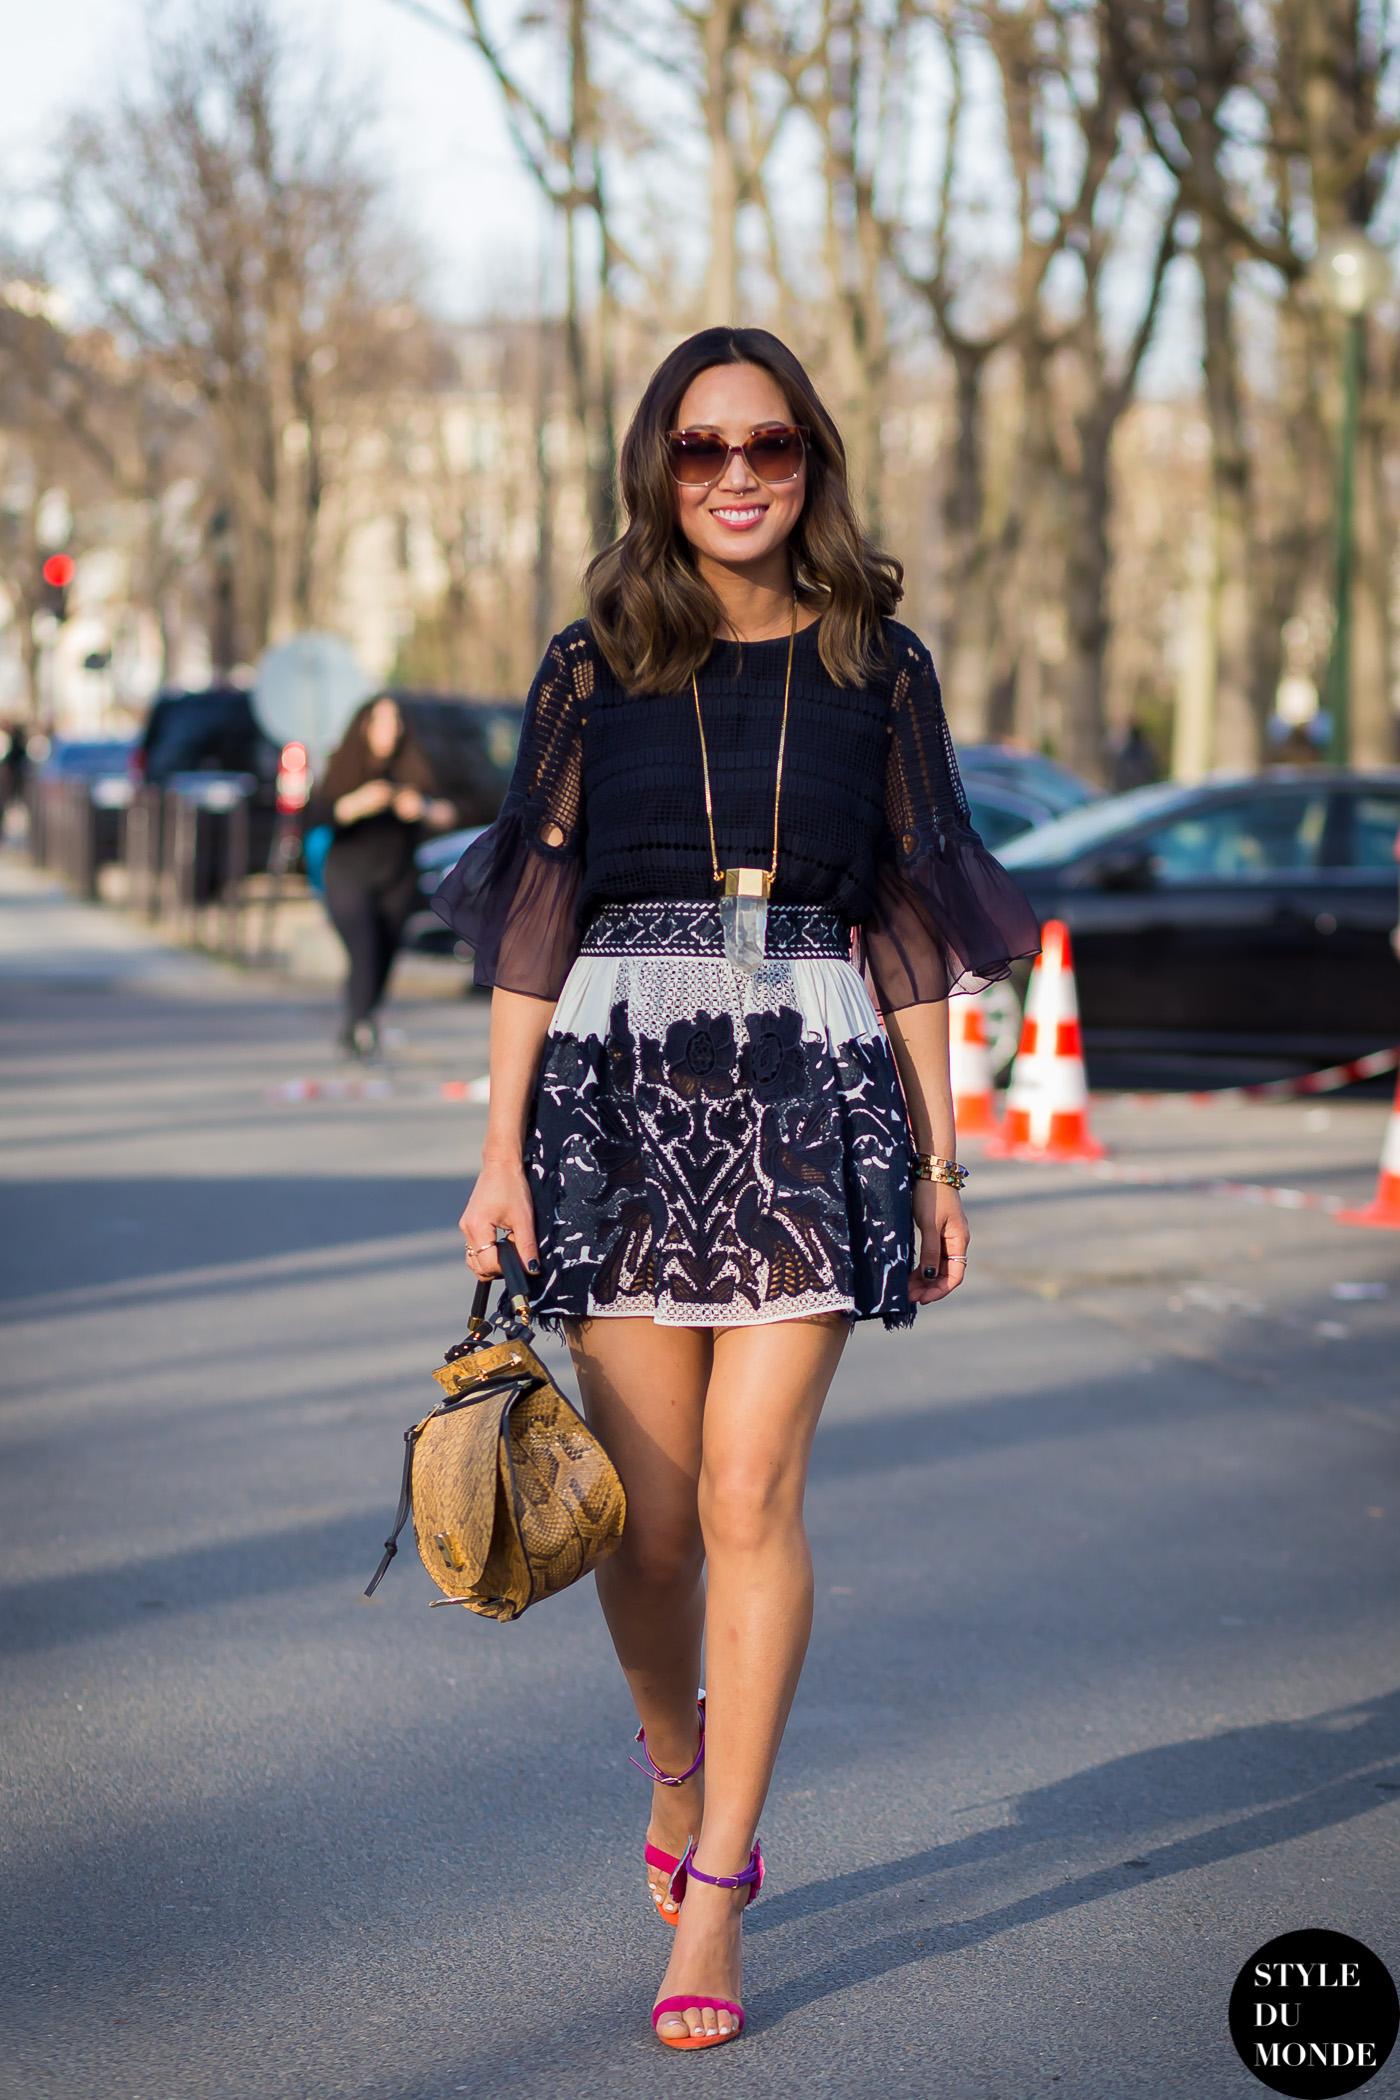 Paris Fashion Week Fw 2015 Street Style Aimee Song Style Du Monde Street Style Street